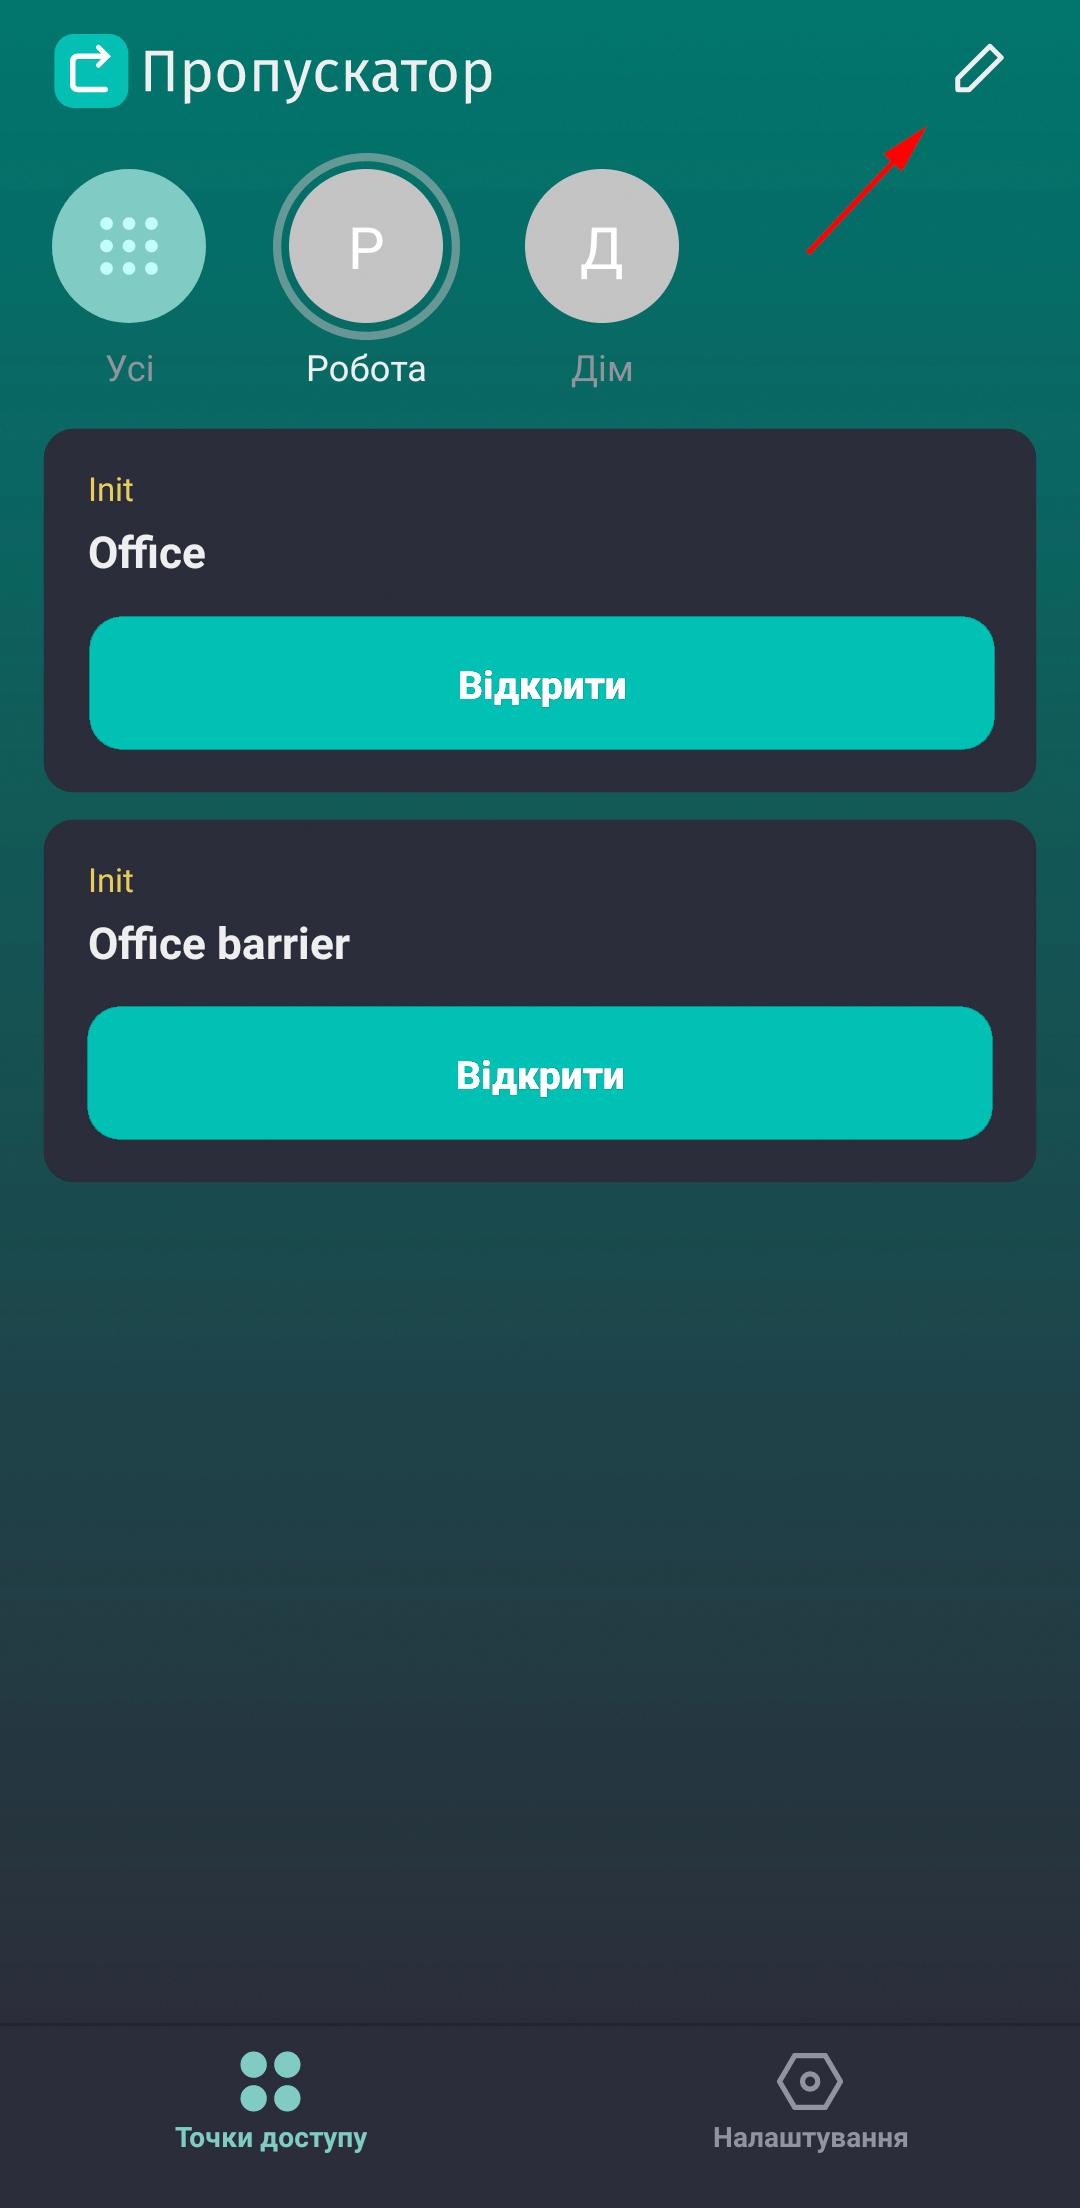 Редактирование группы точек доступа в приложении Propuskator